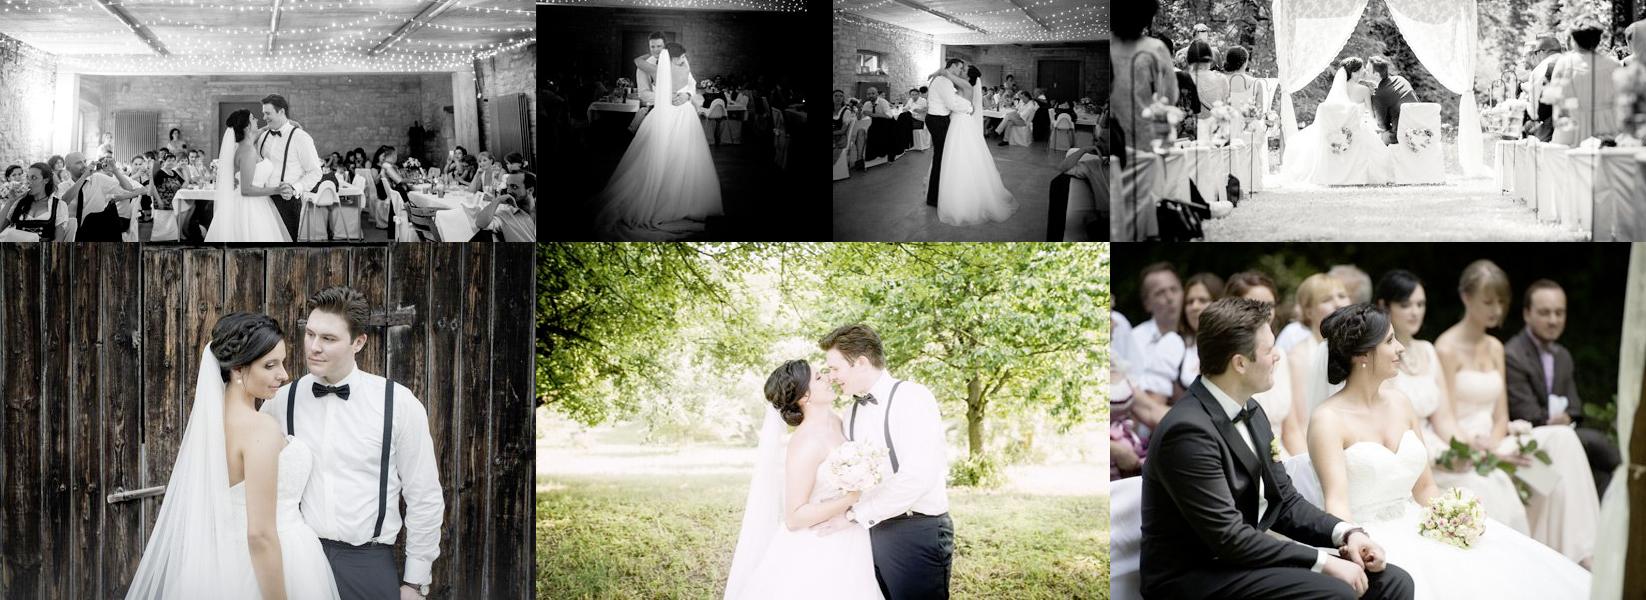 Papierscheune Homburg Hochzeit